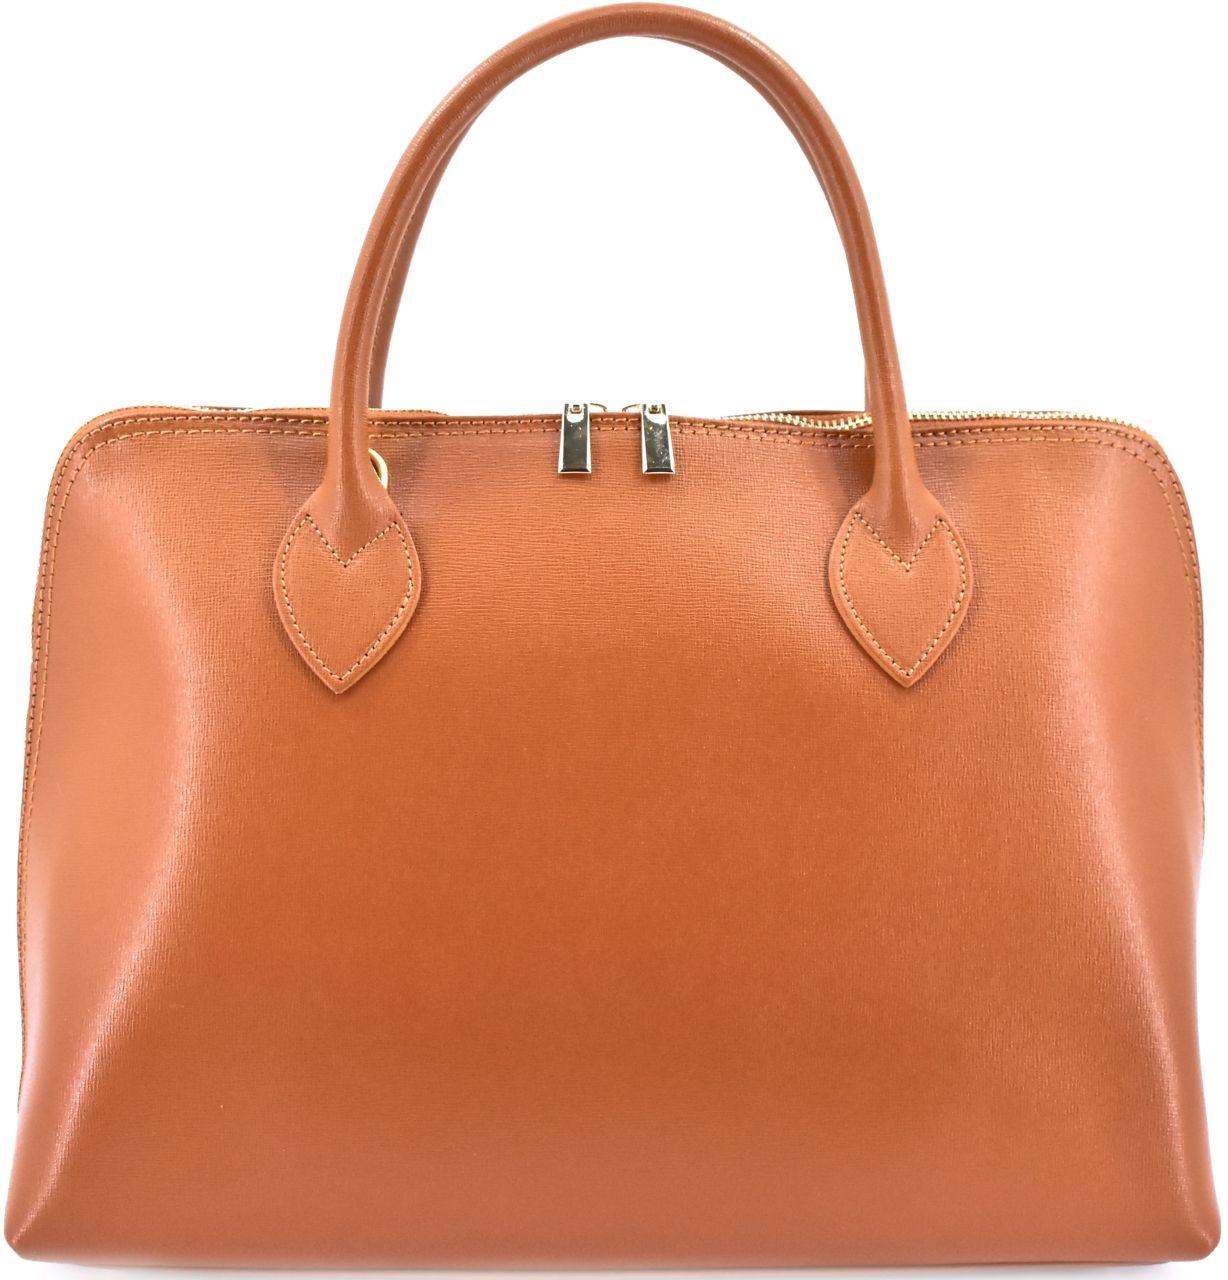 Dámská kožená kabelka Arteddy - hnědá 32445